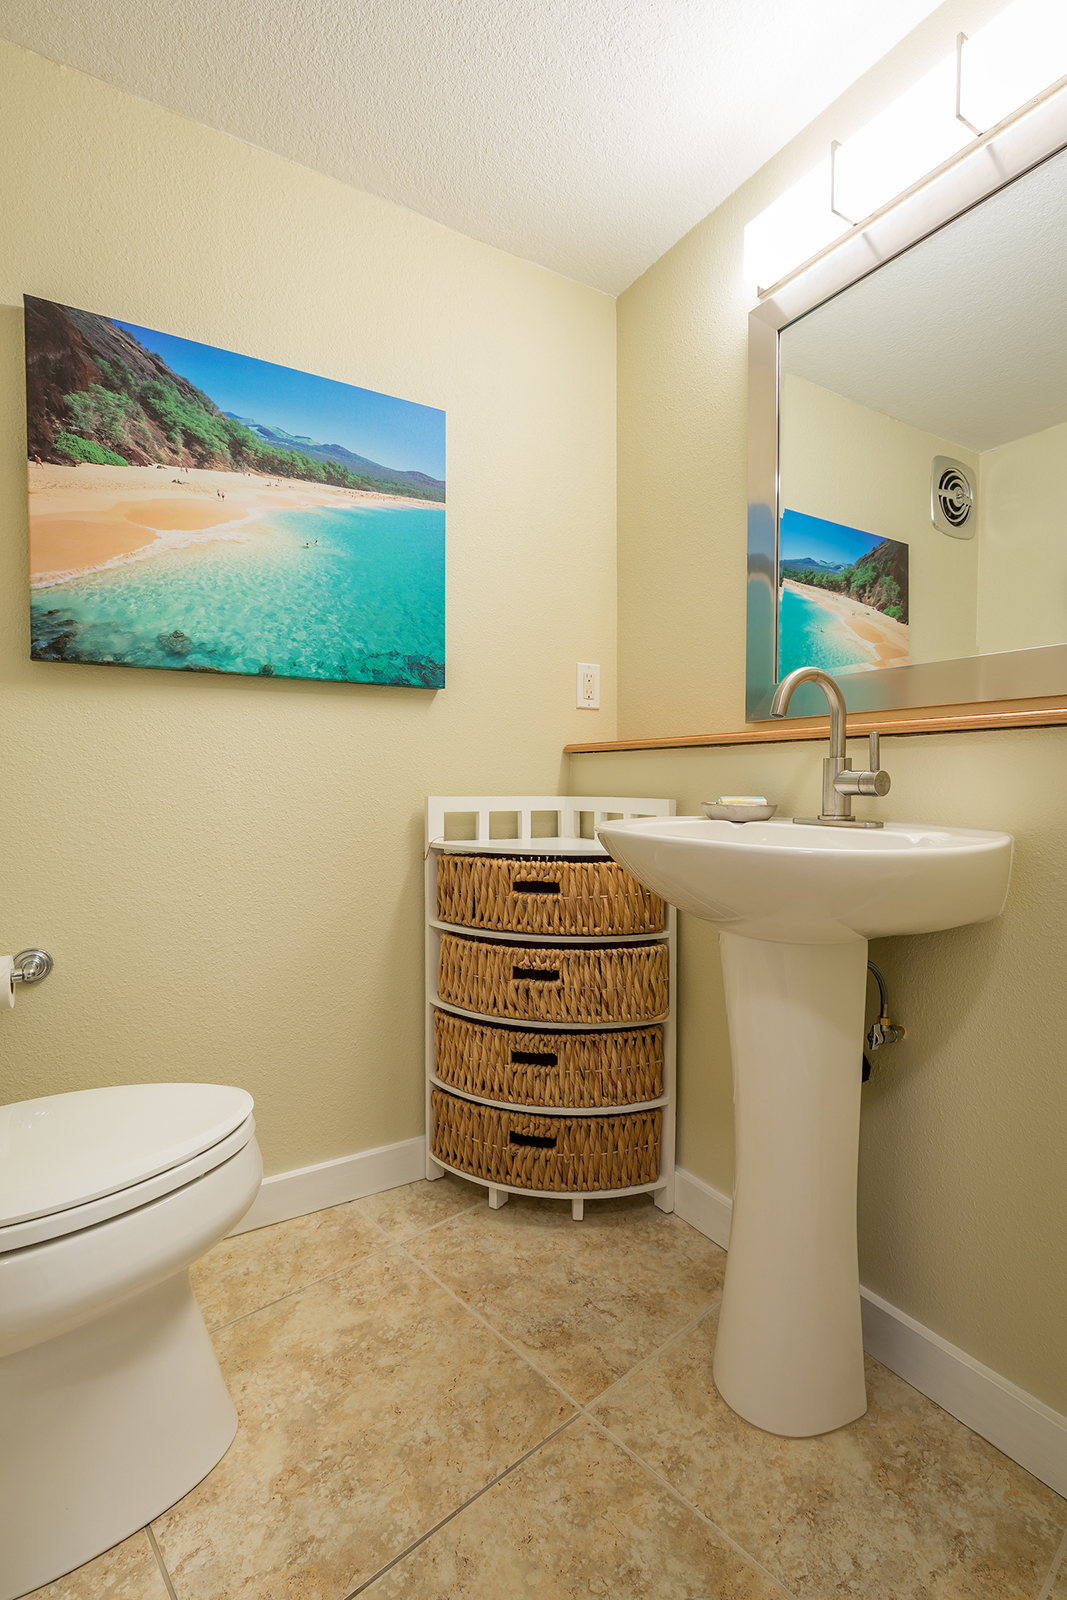 Royal-Kahana-Maui-Beach-Resort-Condos-RK510-2852.jpg